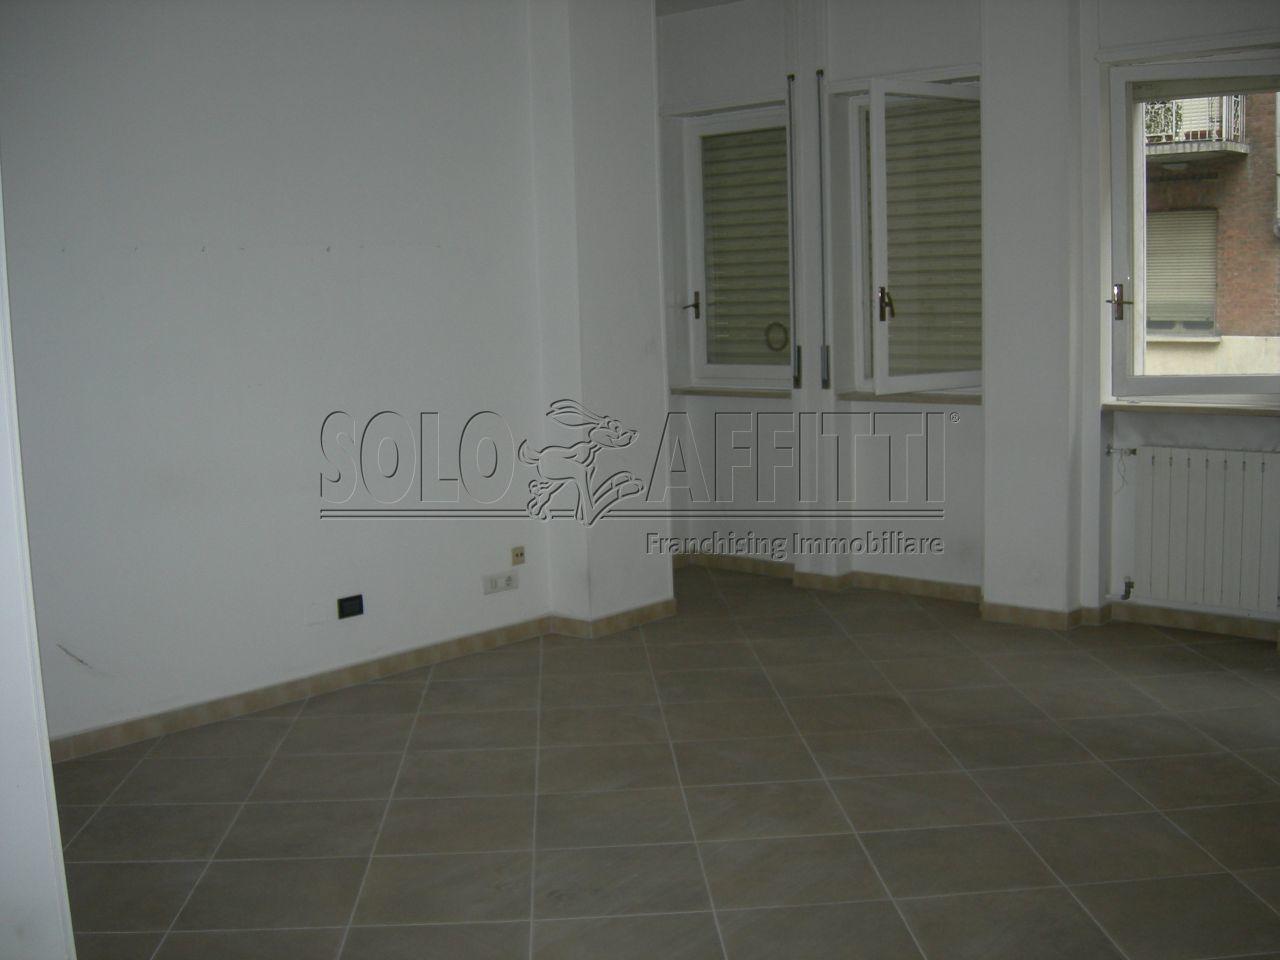 Ufficio / Studio in affitto a Torino, 4 locali, prezzo € 700 | Cambio Casa.it